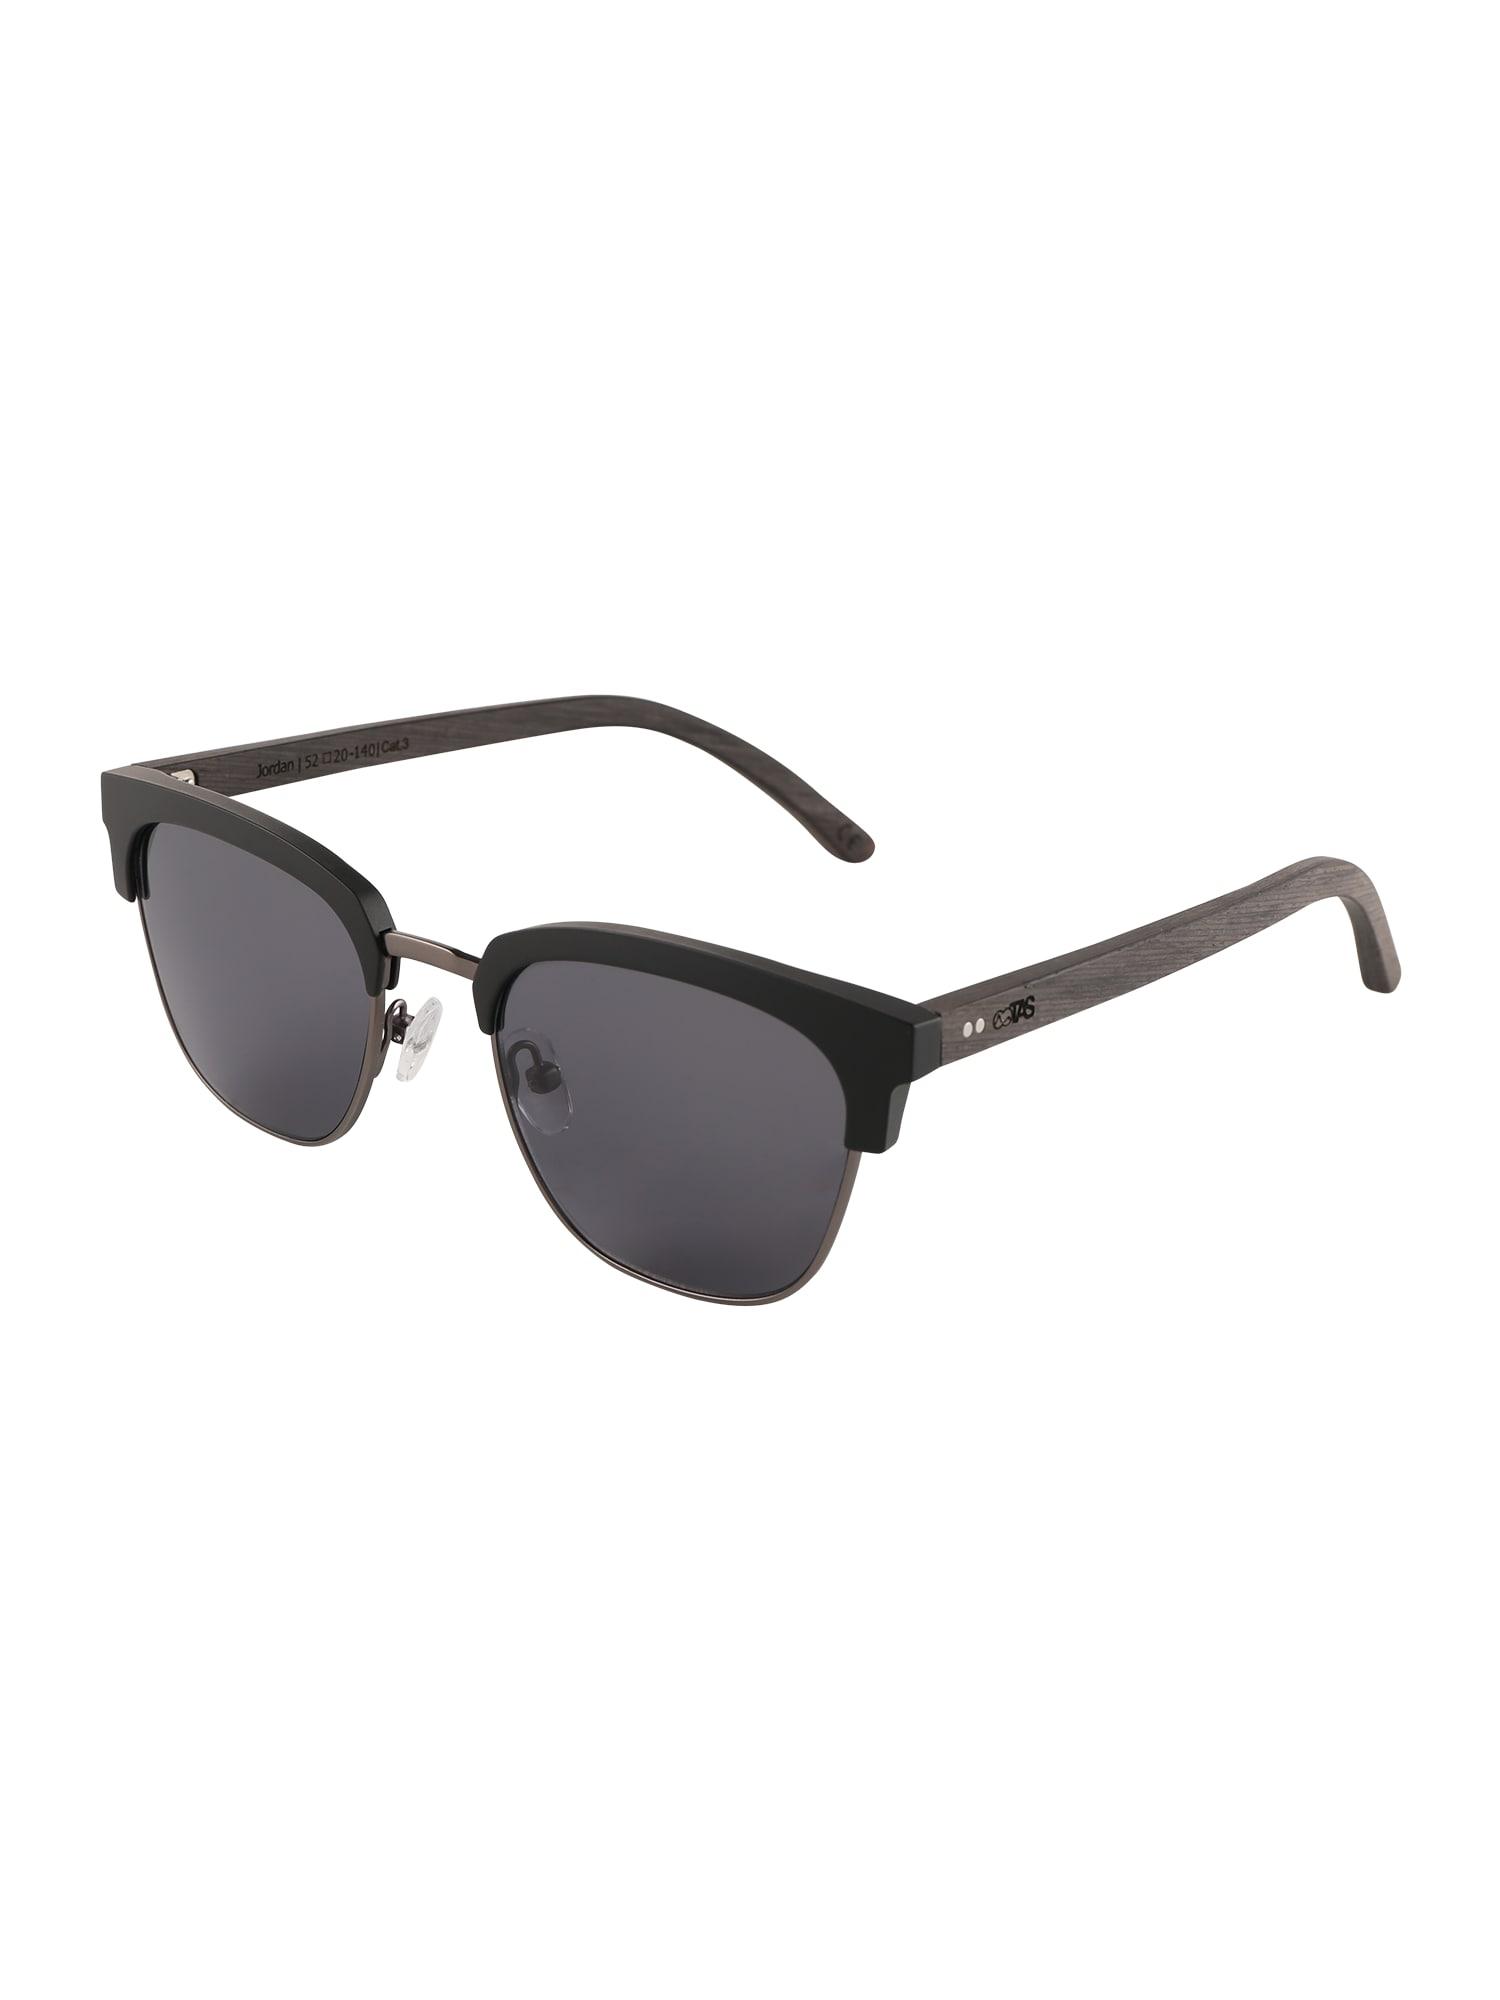 Sluneční brýle The Metall-Steg Collection černá TAKE A SHOT